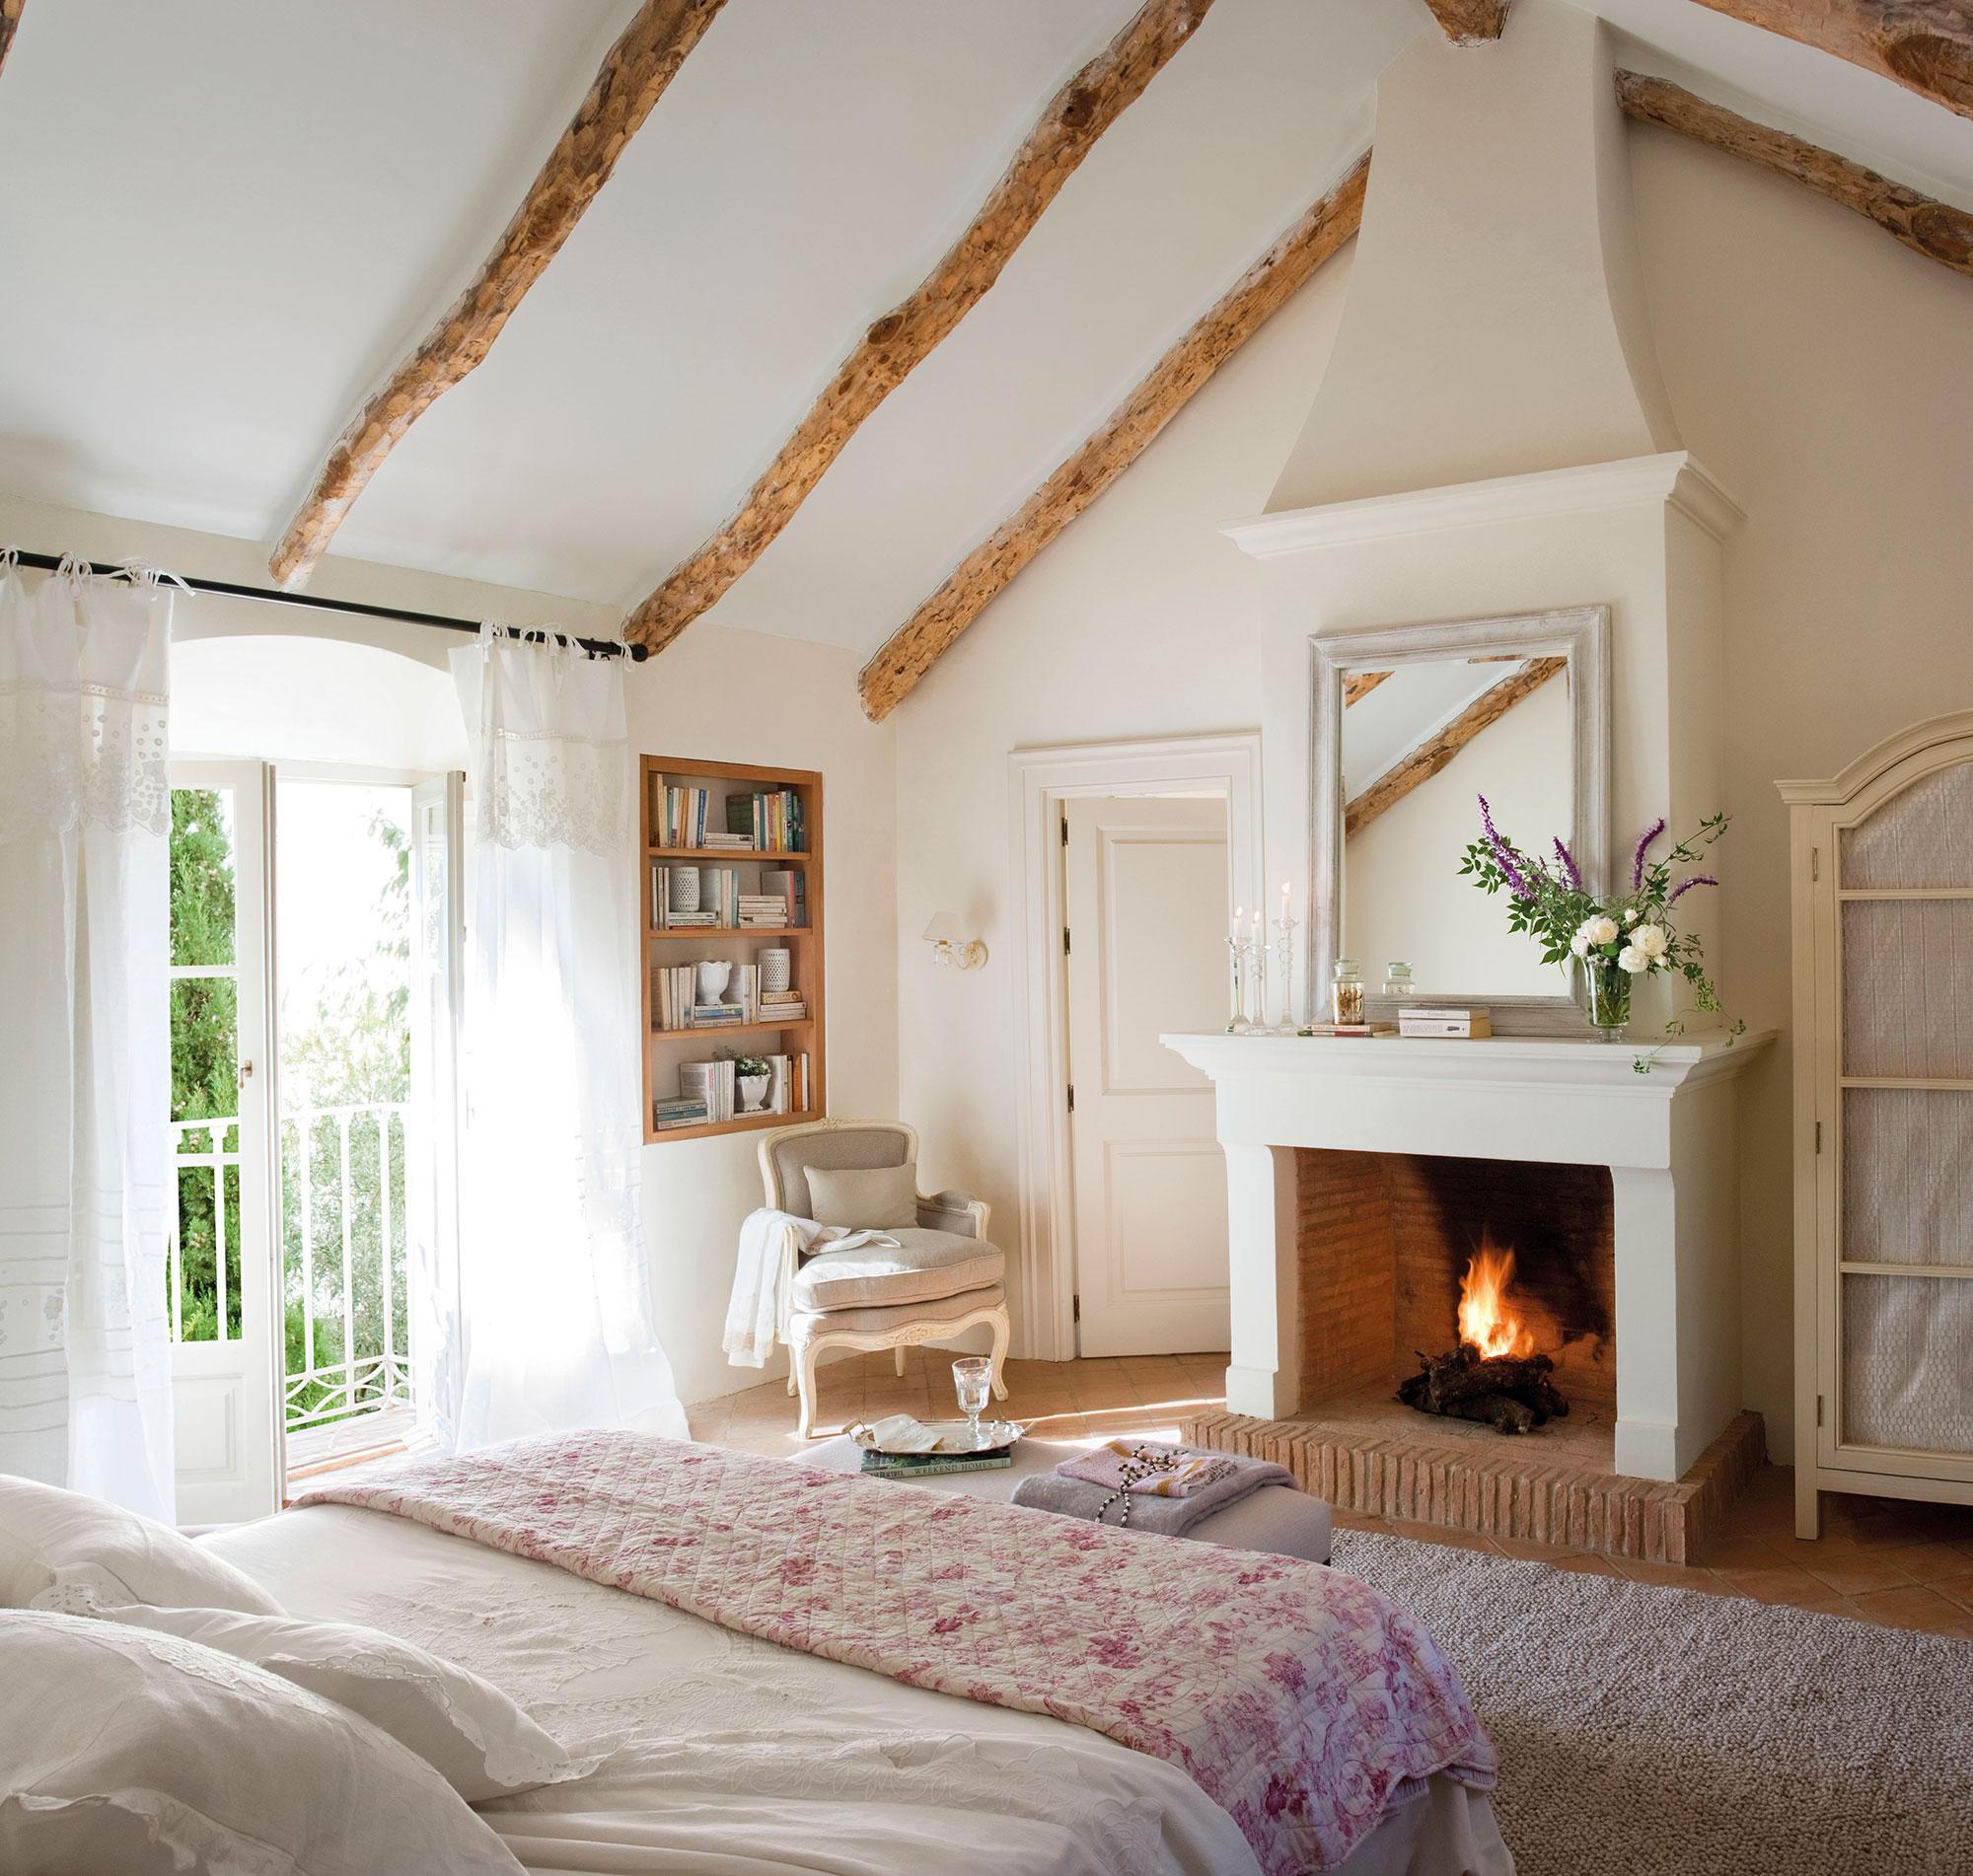 C mo elegir la cortina perfecta para cada ventana - Cortinas dormitorio principal ...